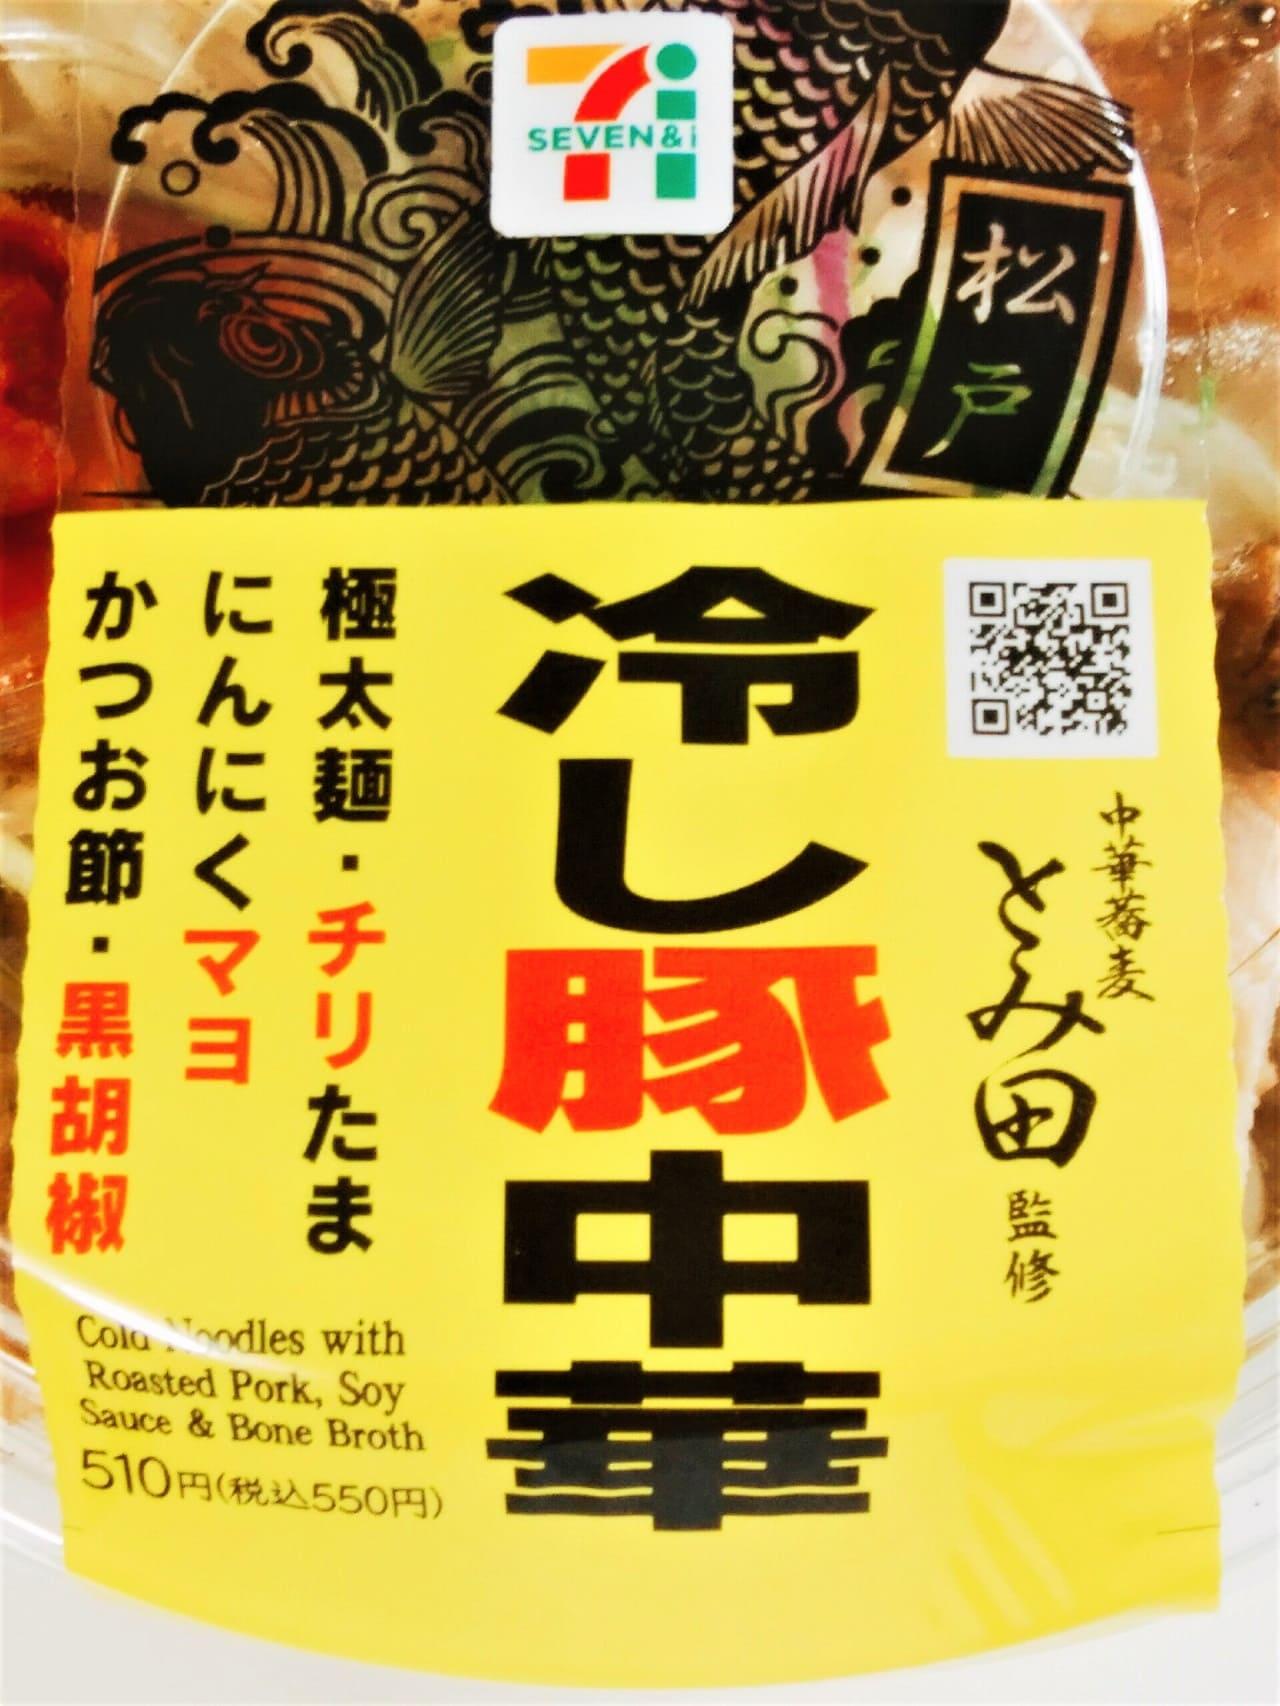 セブンイレブンの中華蕎麦とみ田監修冷し豚中華